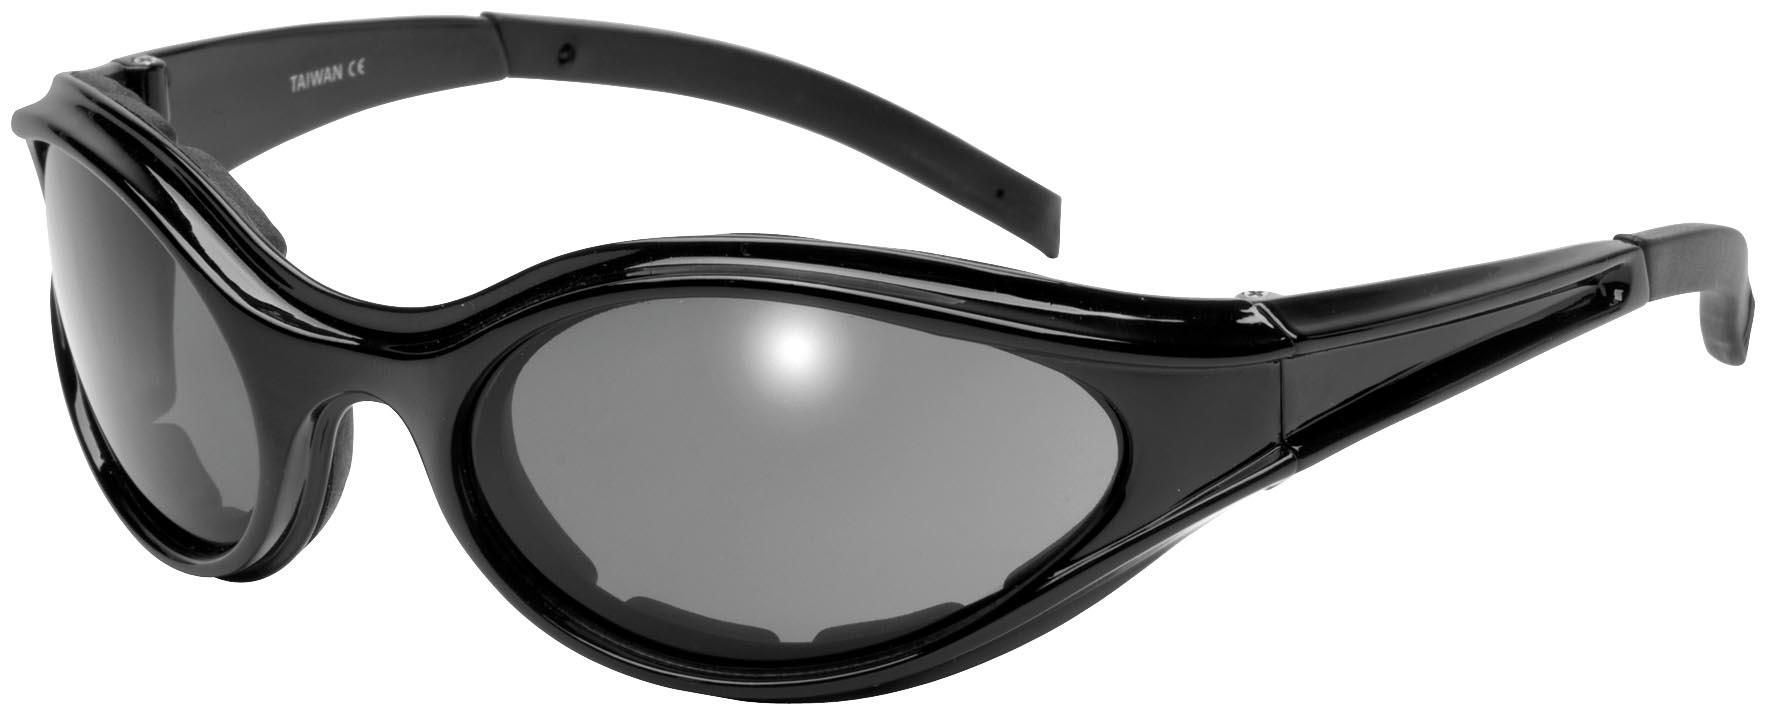 Windmaster Anti-Fog Sunglasses